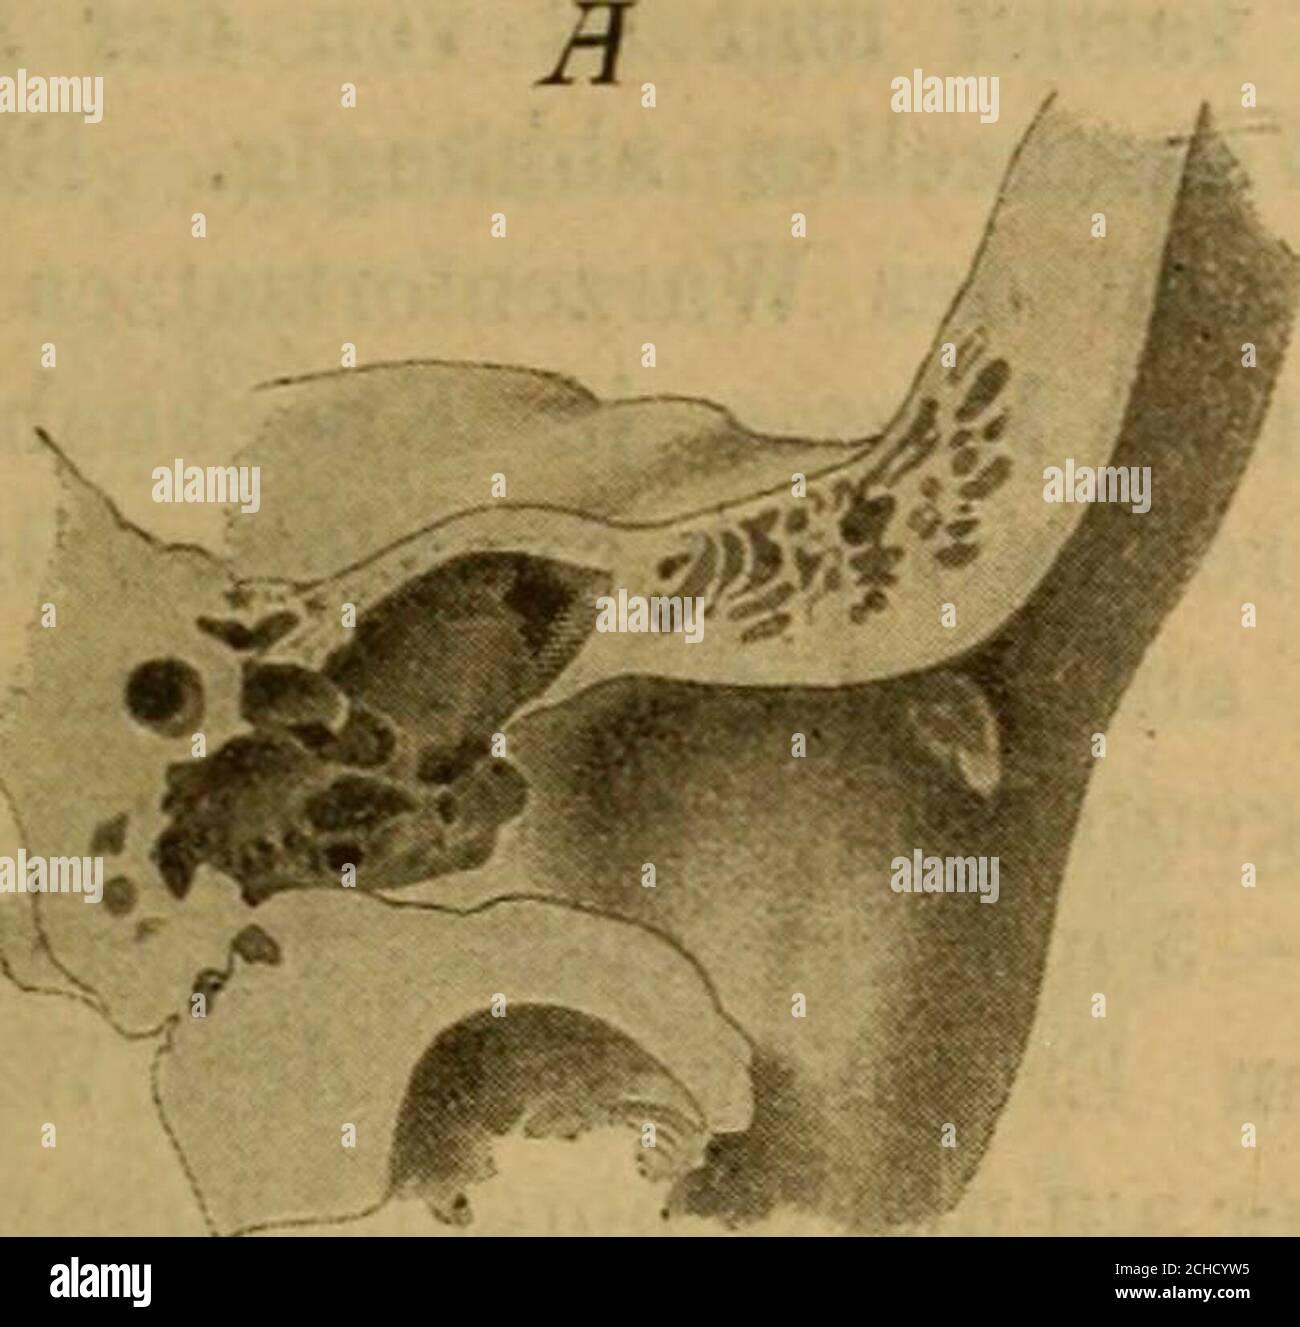 . Handbuch der Ohrenheilkunde . satz beigestellt. Die obere Wand gehört dem horizontalen Theile der Schläfebein-schuppe an und trennt die Gehörgangslichtung von der mittleren Schädel-grube. Sie besteht aus zwei compacten Platten, einer oberen, der Schädel-höhle, und einer unteren, dem Gehörgang zugewendeten, zwischen welchensich als dritte Schichte pneumatische oder diploehaltige Spongiosa ein-schiebt. Die cerebrale Platte ist papierblattdünn, lang, aber schmal, zwischenSchläfebeinschuppe und Tegmen tympani eingeschoben und von diesemtheilweise schuppenartig überlagert, während die dickere unt Stock Photo